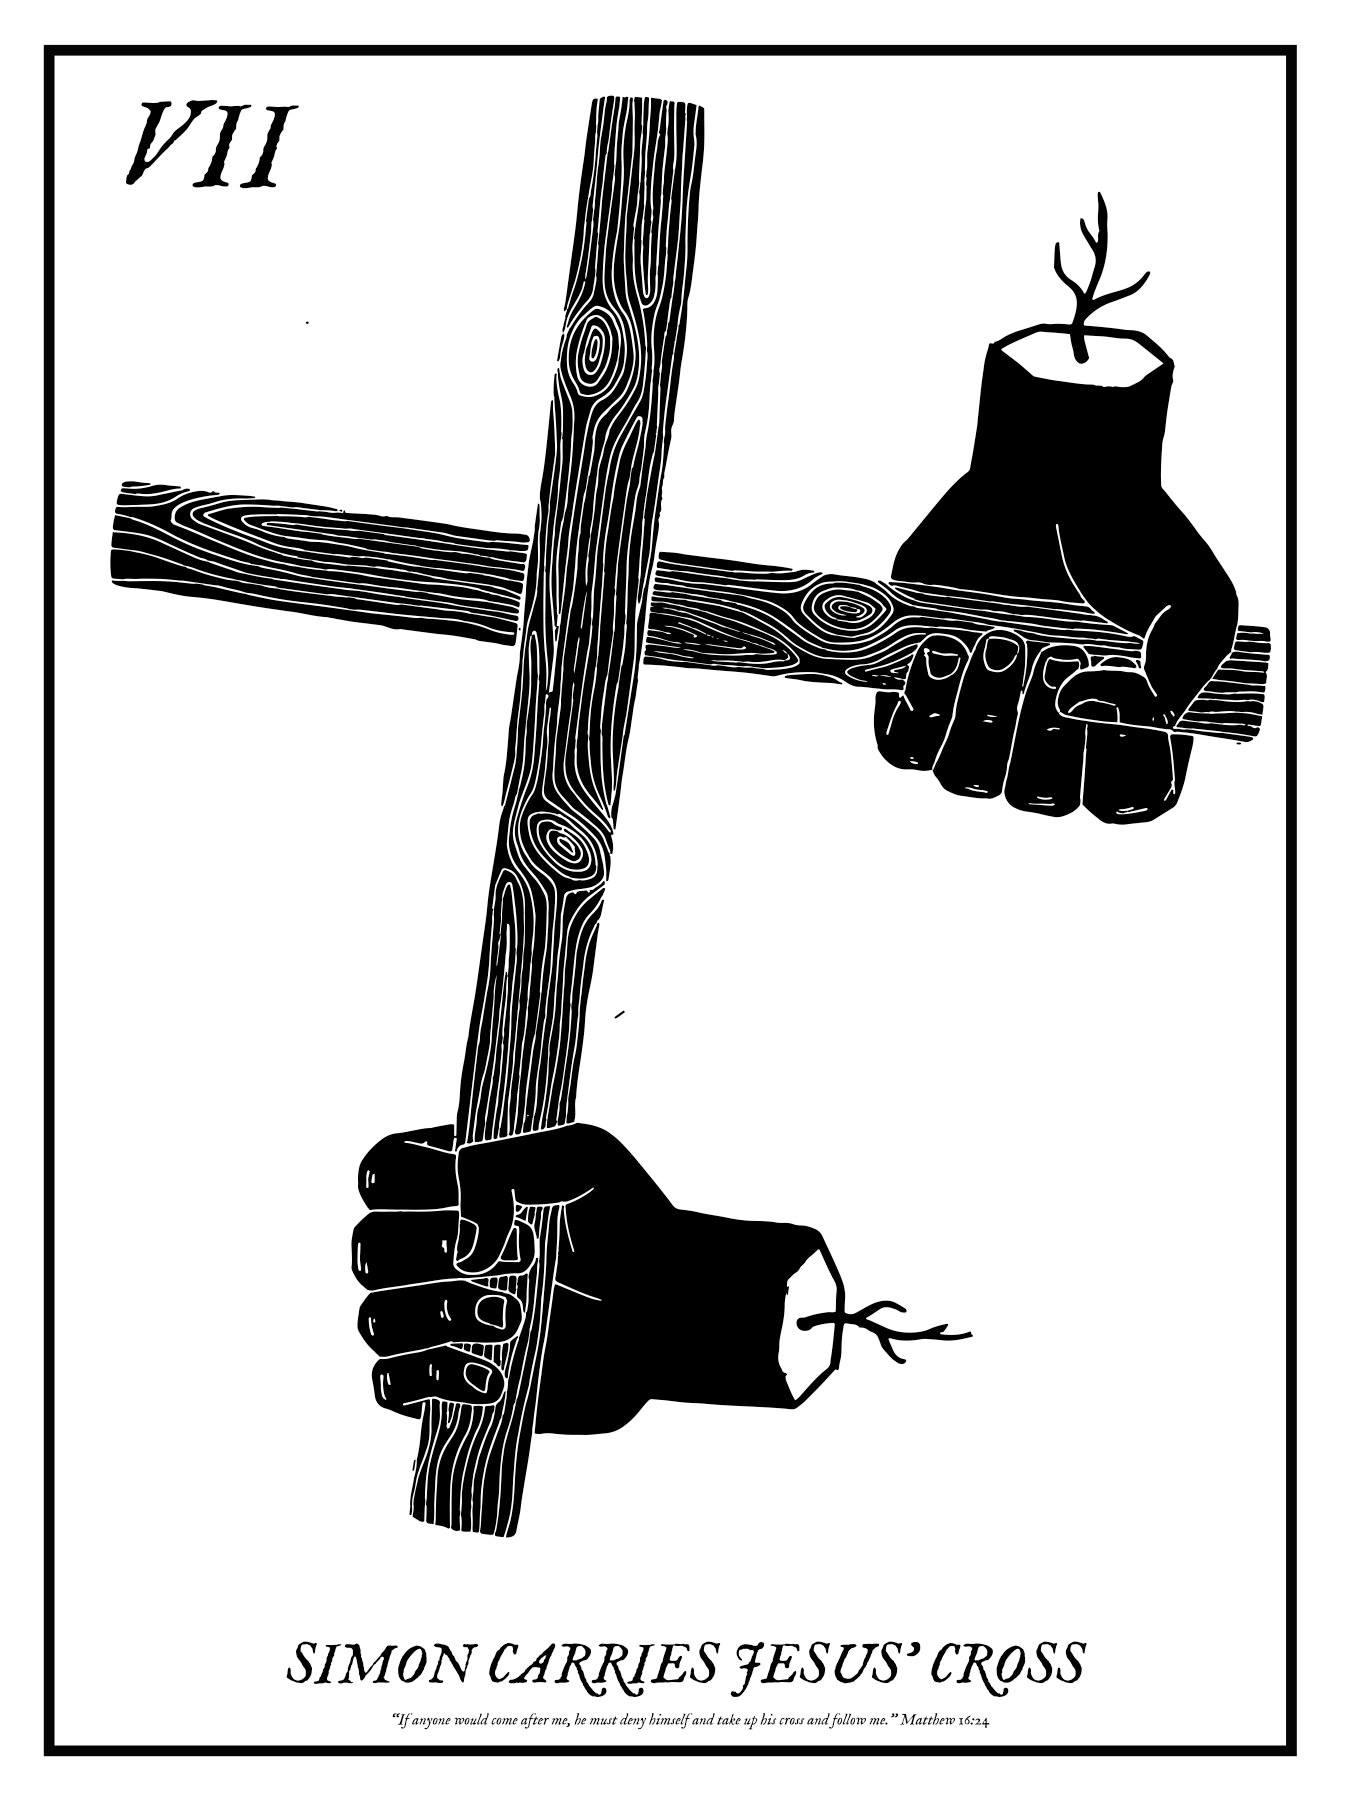 VII. SIMON CARRIES JESUS' CROSS